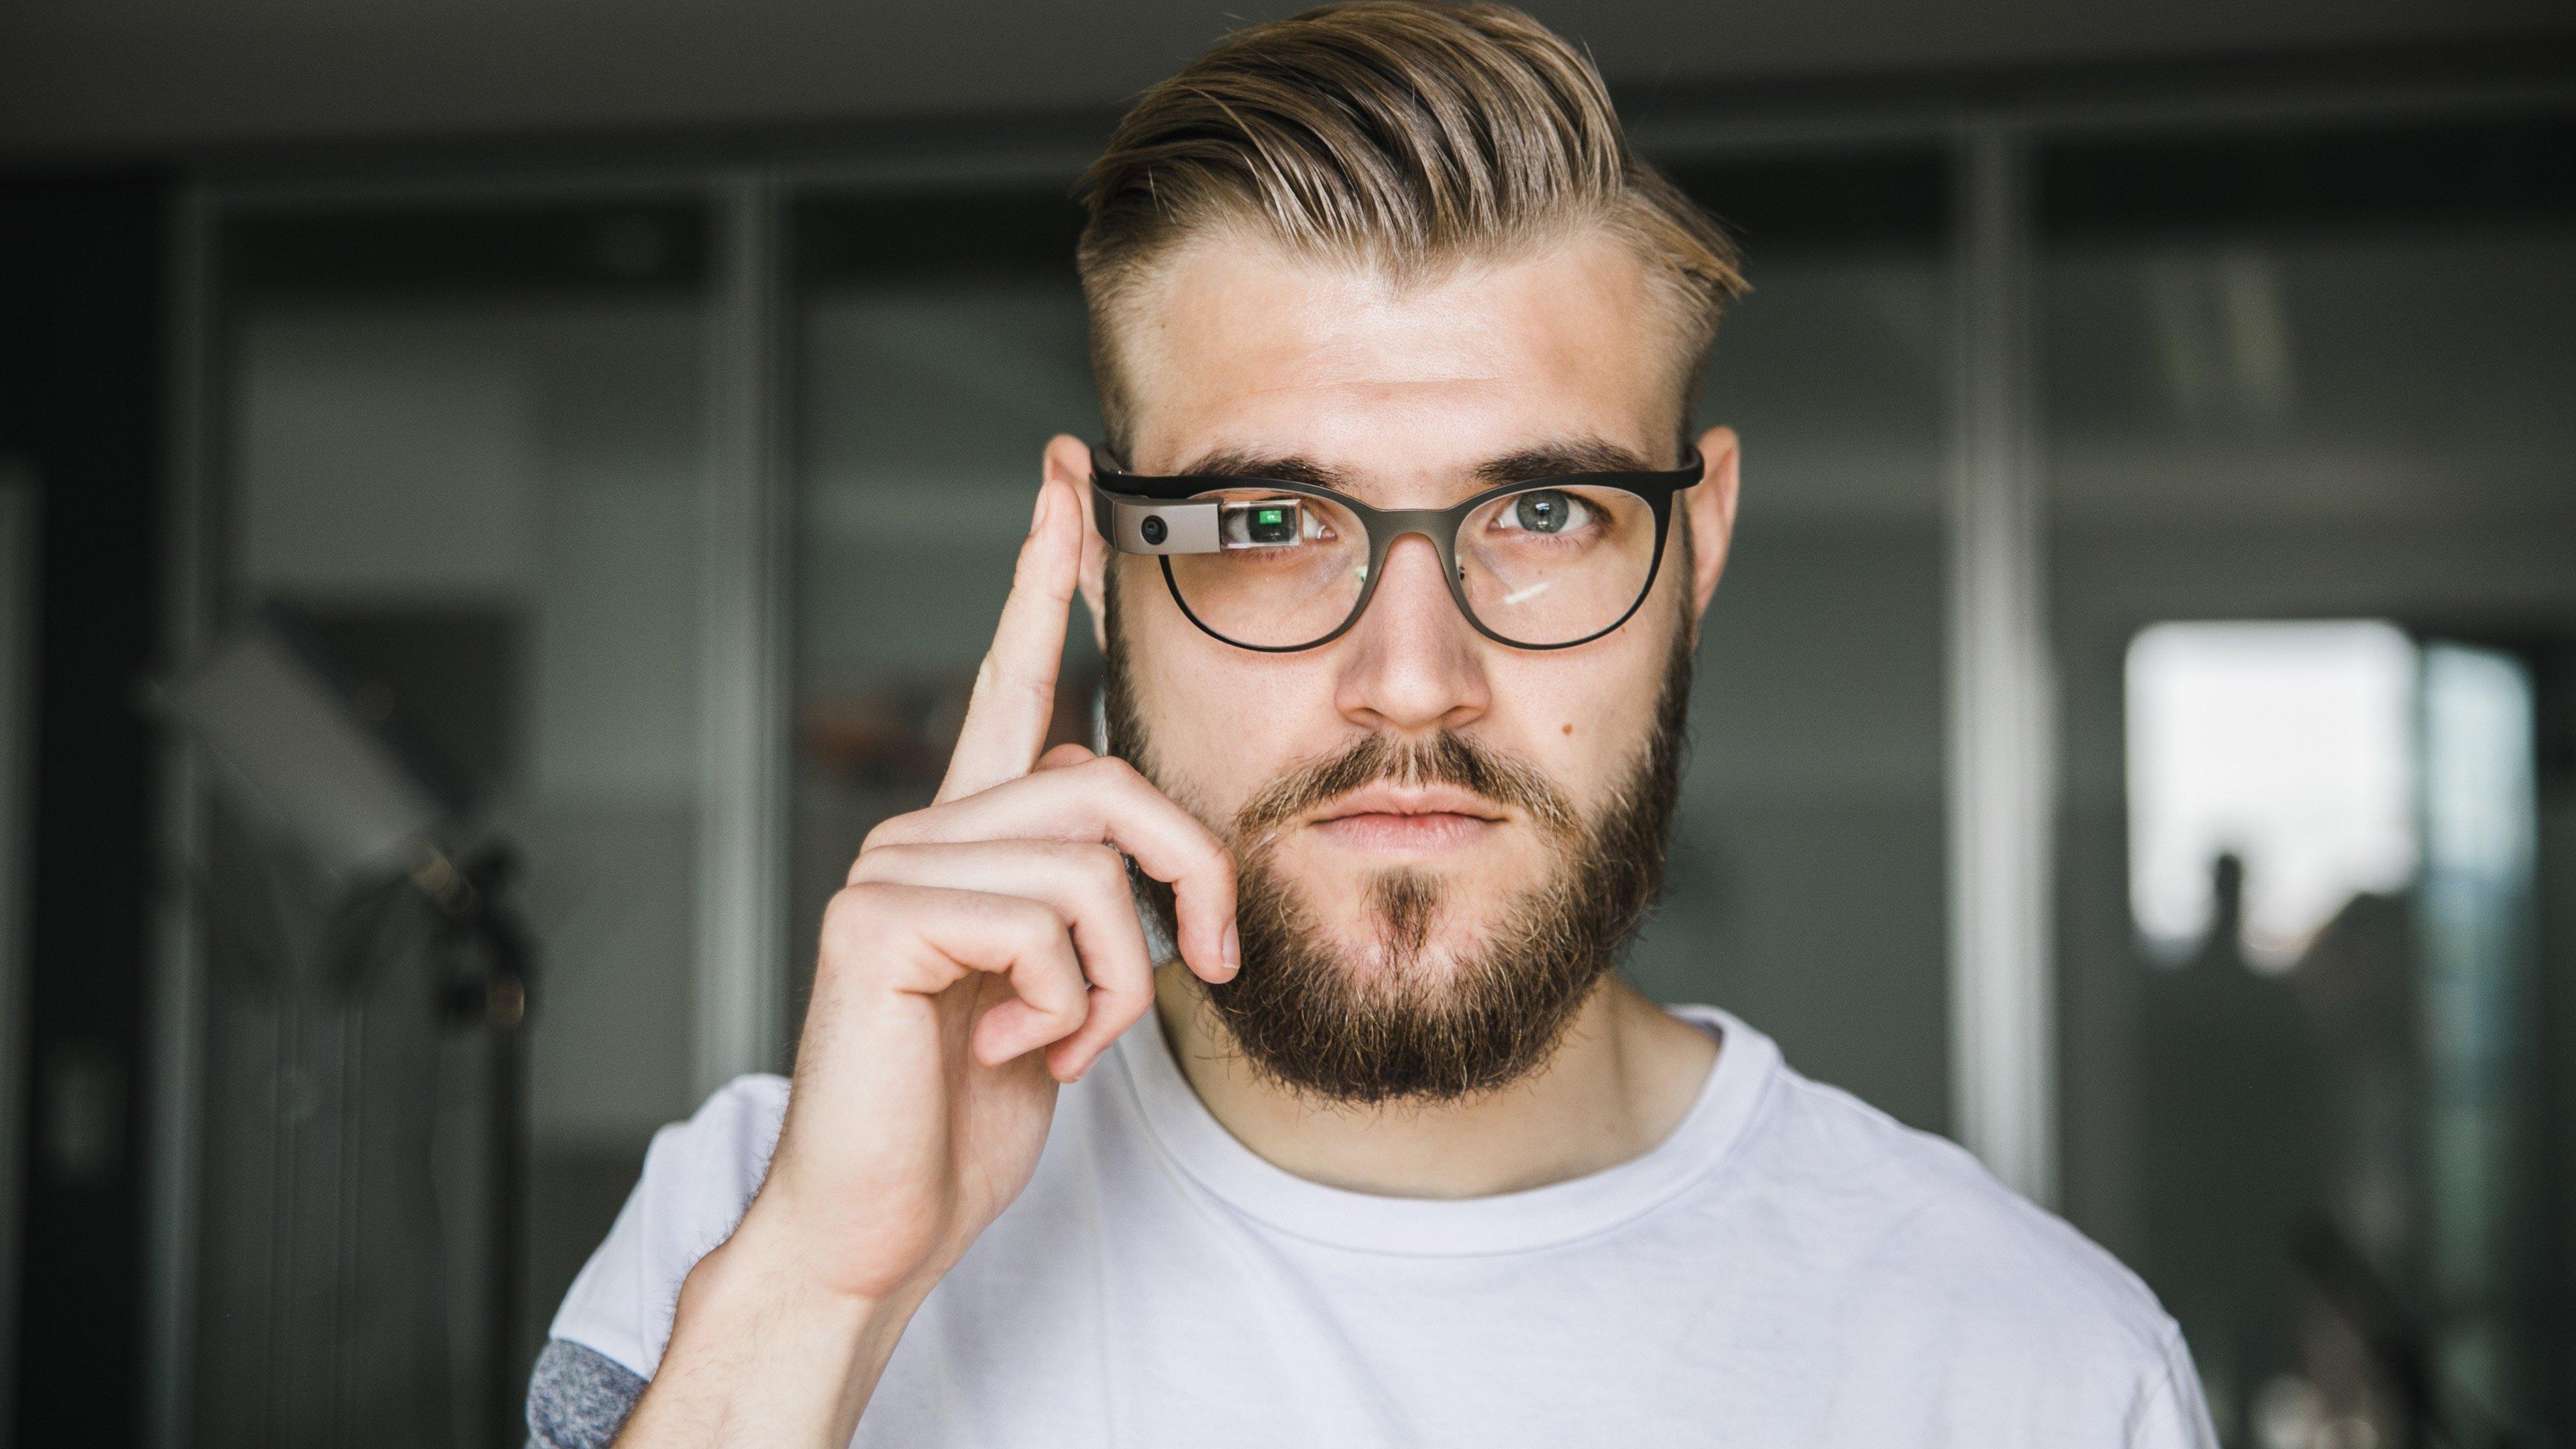 Deutsches Patent bringt den Durchblick: Apples AR-Brille gesichtet